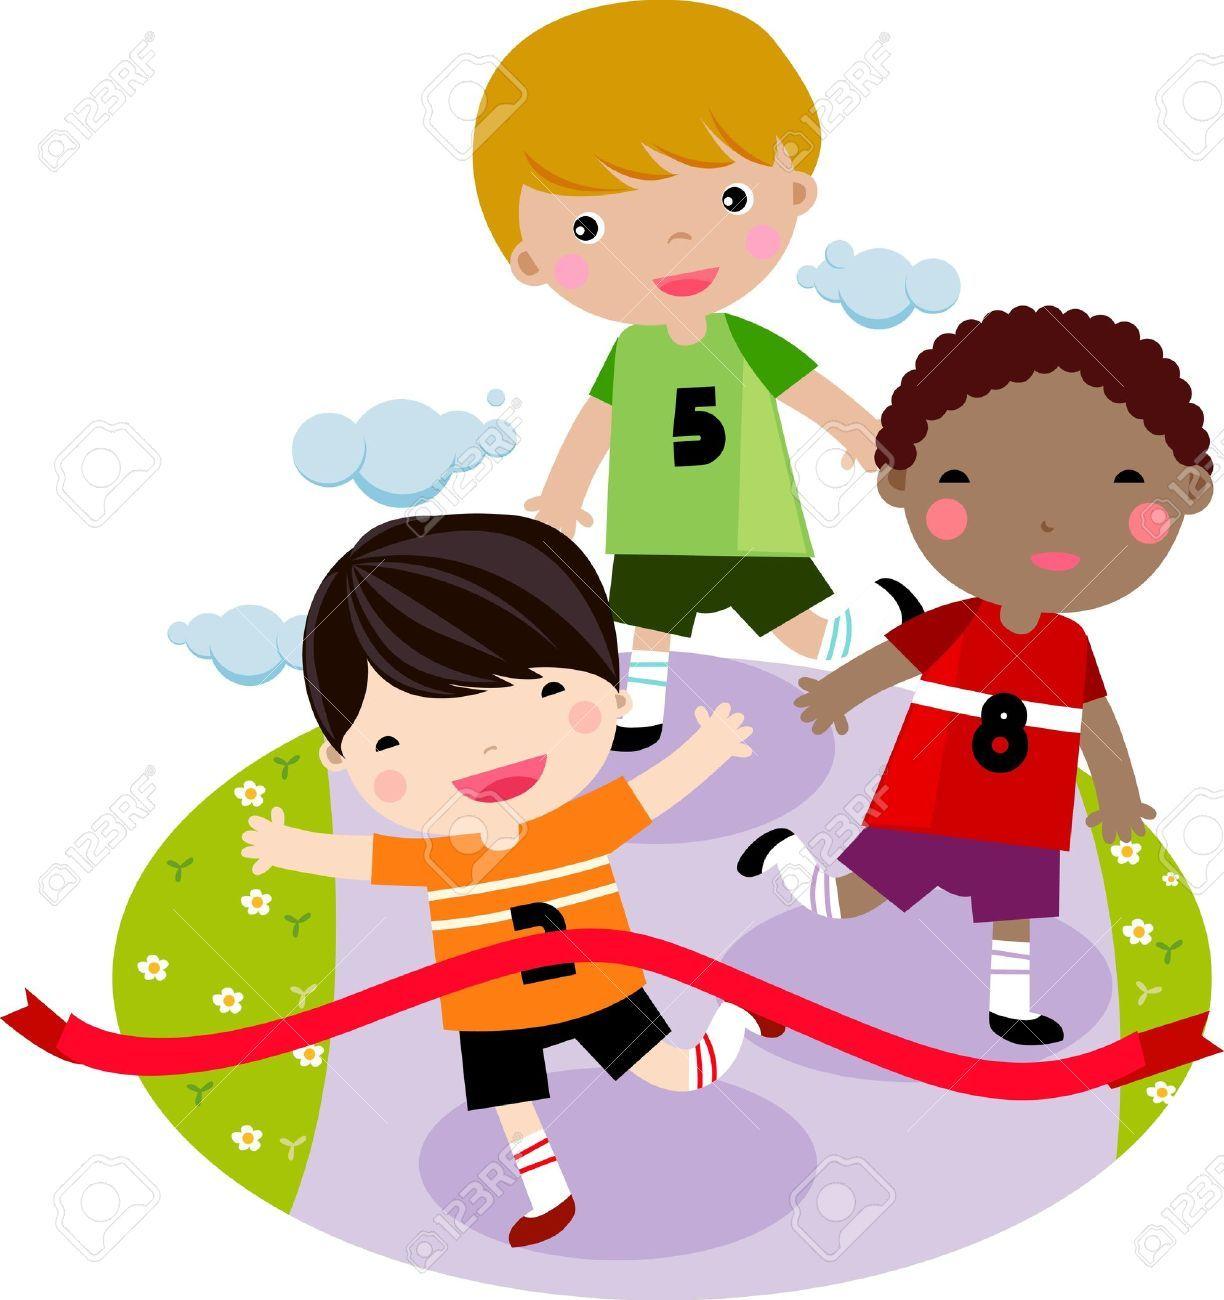 Running kid clipart 6 » Clipart Portal.